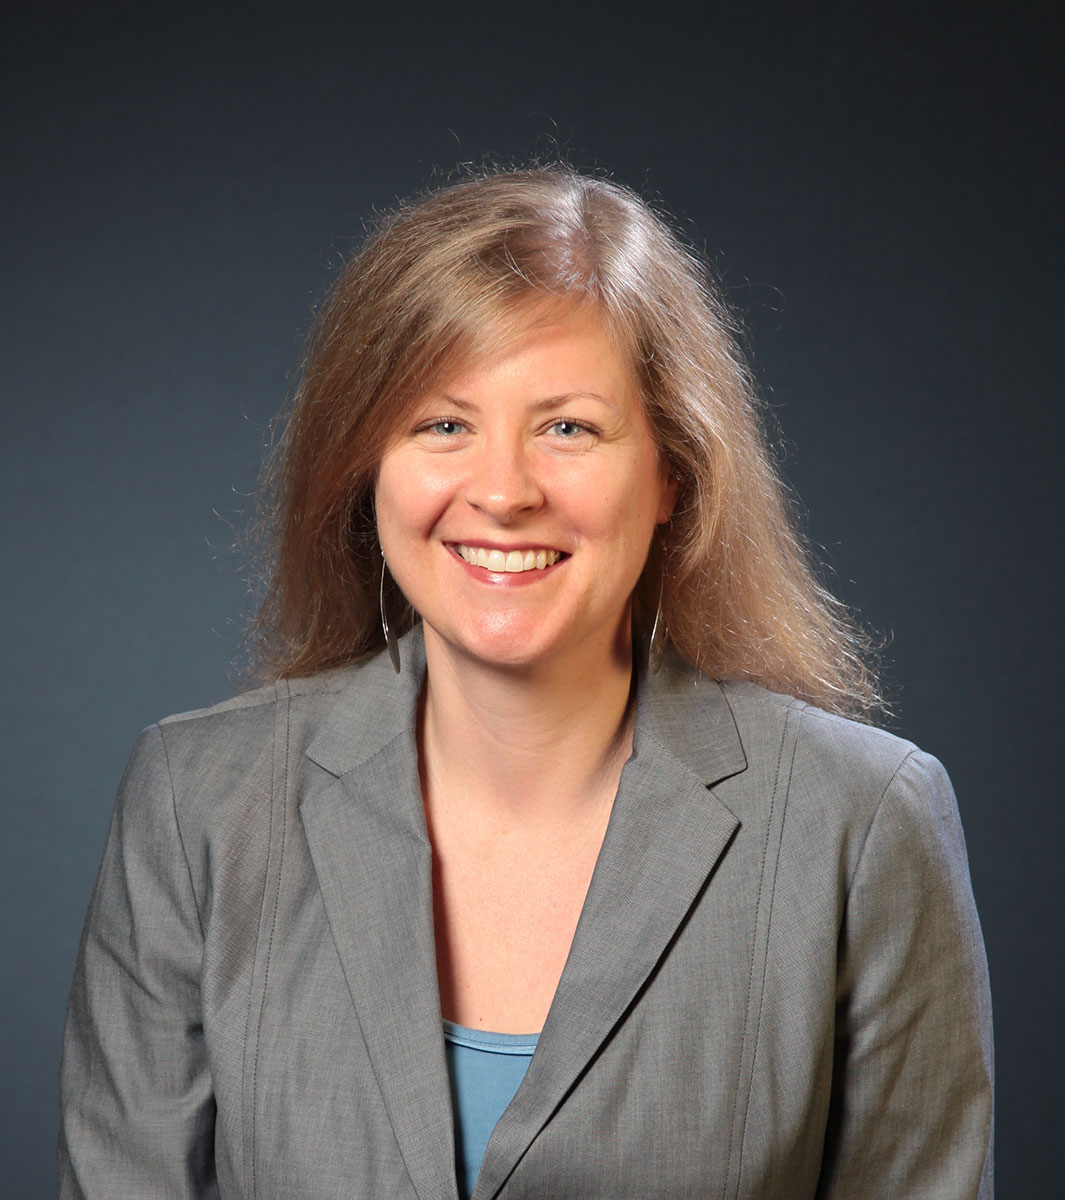 Melanie Hardison